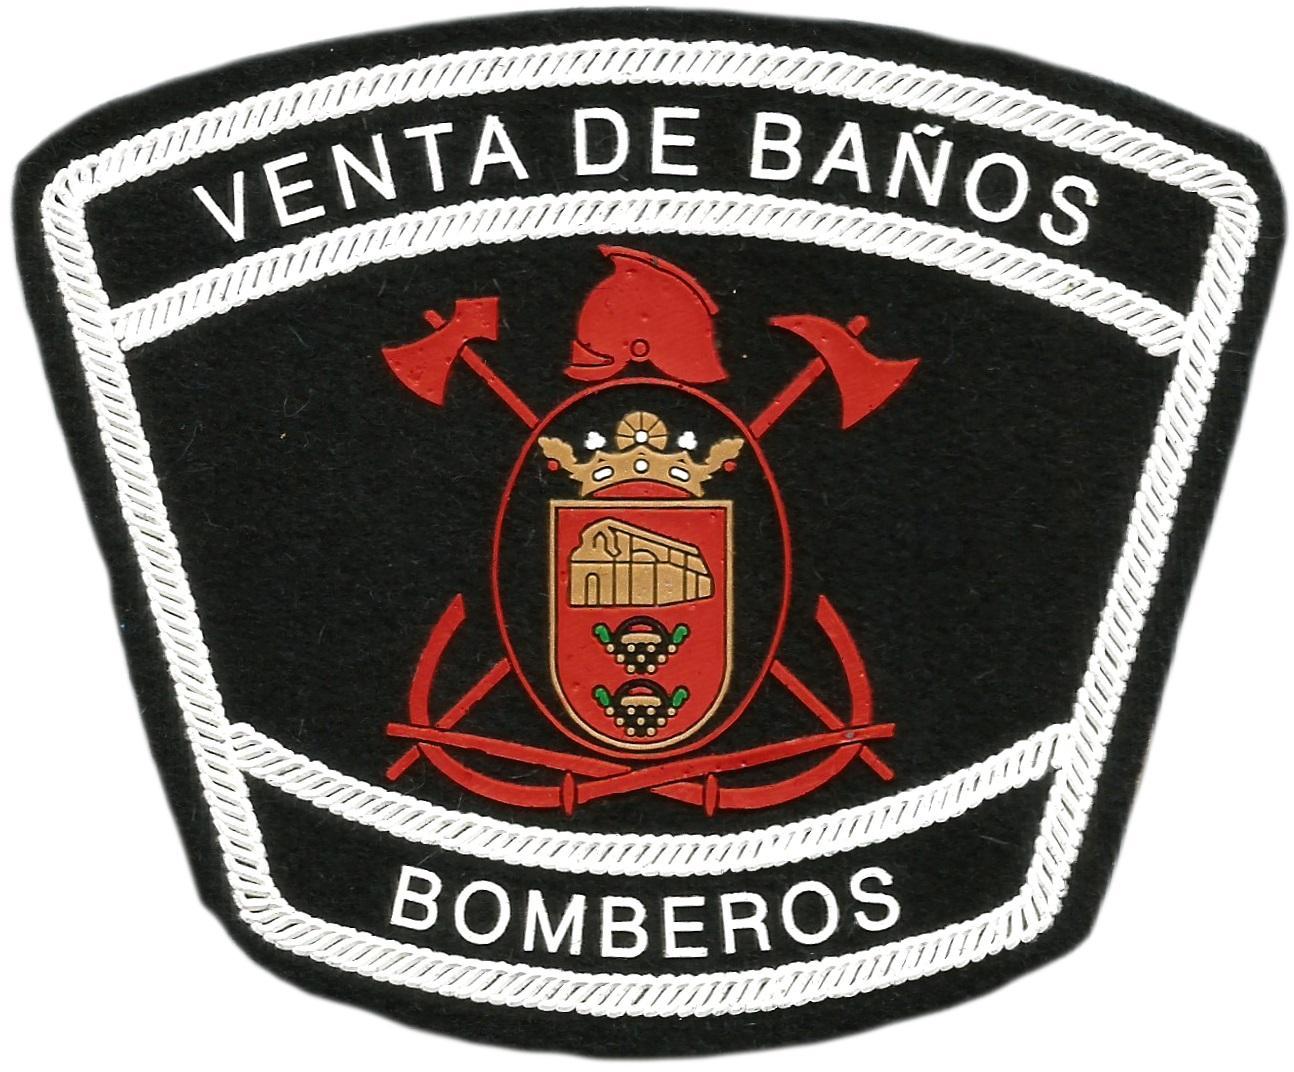 BOMBEROS DE VENTA DE BAÑOS PALENCIA PARCHE INSIGNIA EMBLEMA DISTINTIVO